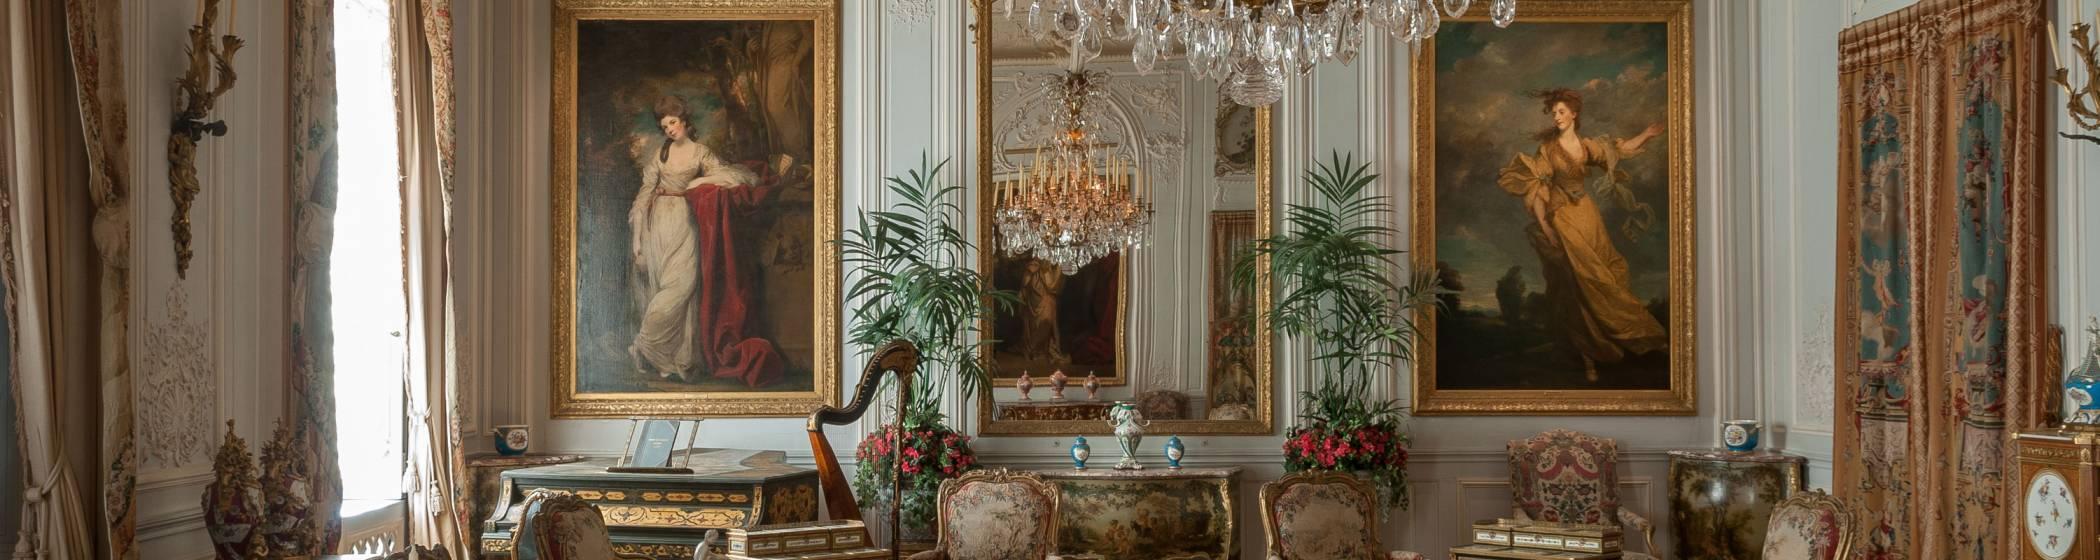 Grey Drawing Room at Waddesdon Manor